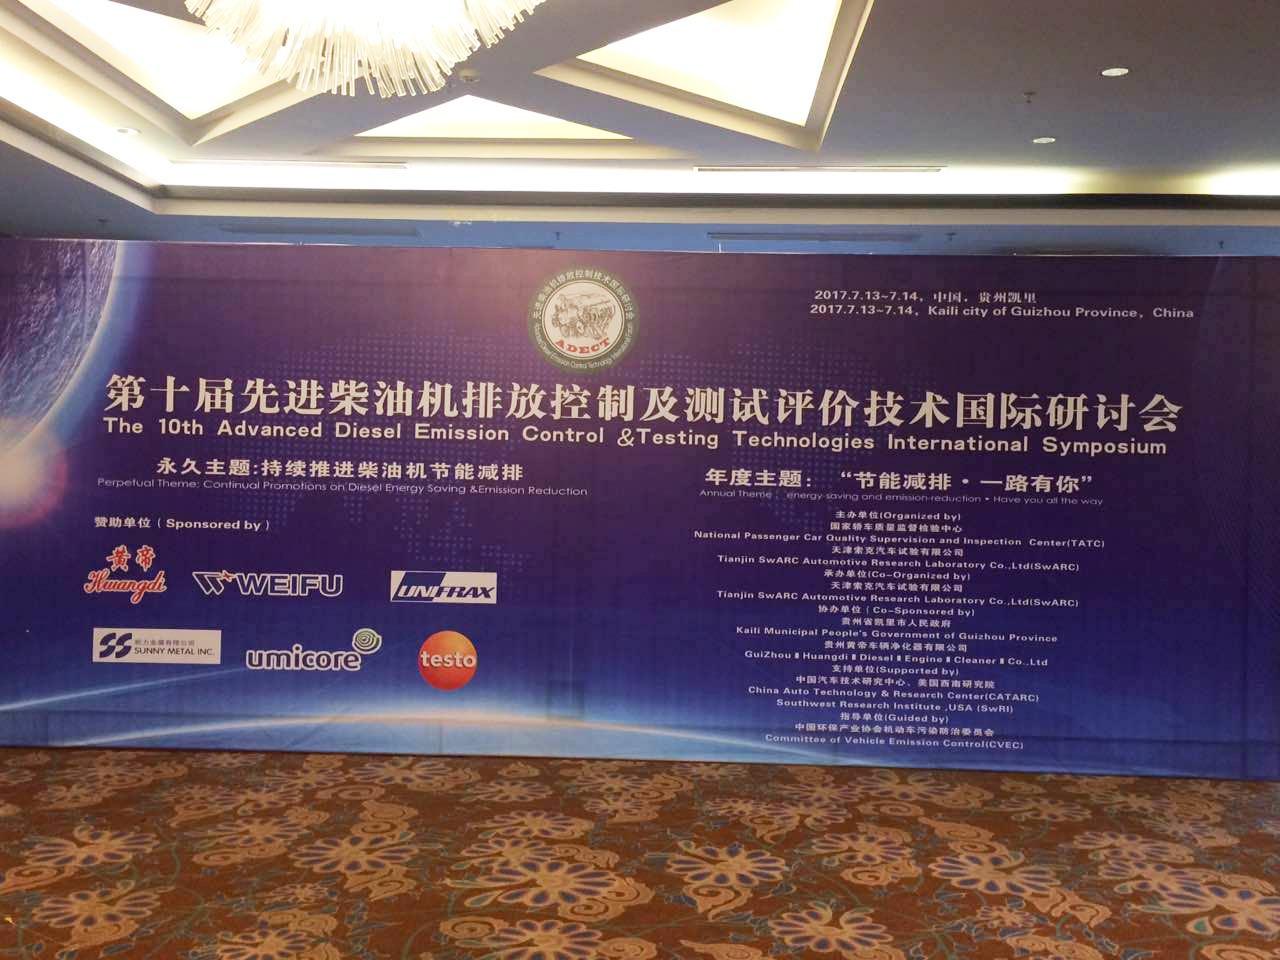 第十届先进柴油机排放控制及测试评价技术国际研讨会